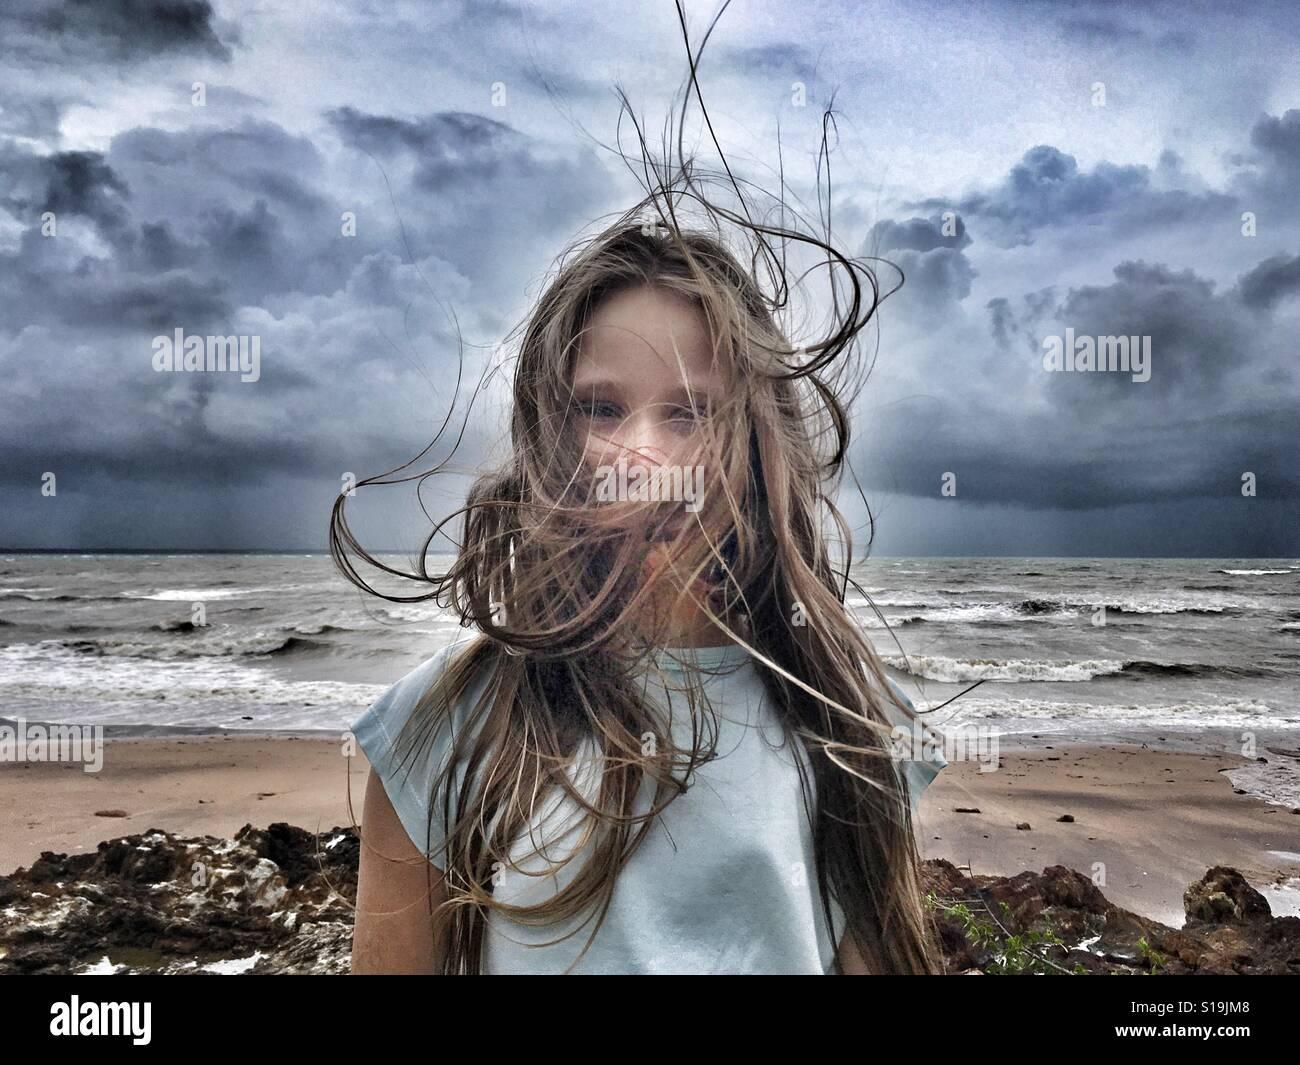 Giovane ragazza nel vento. Immagini Stock